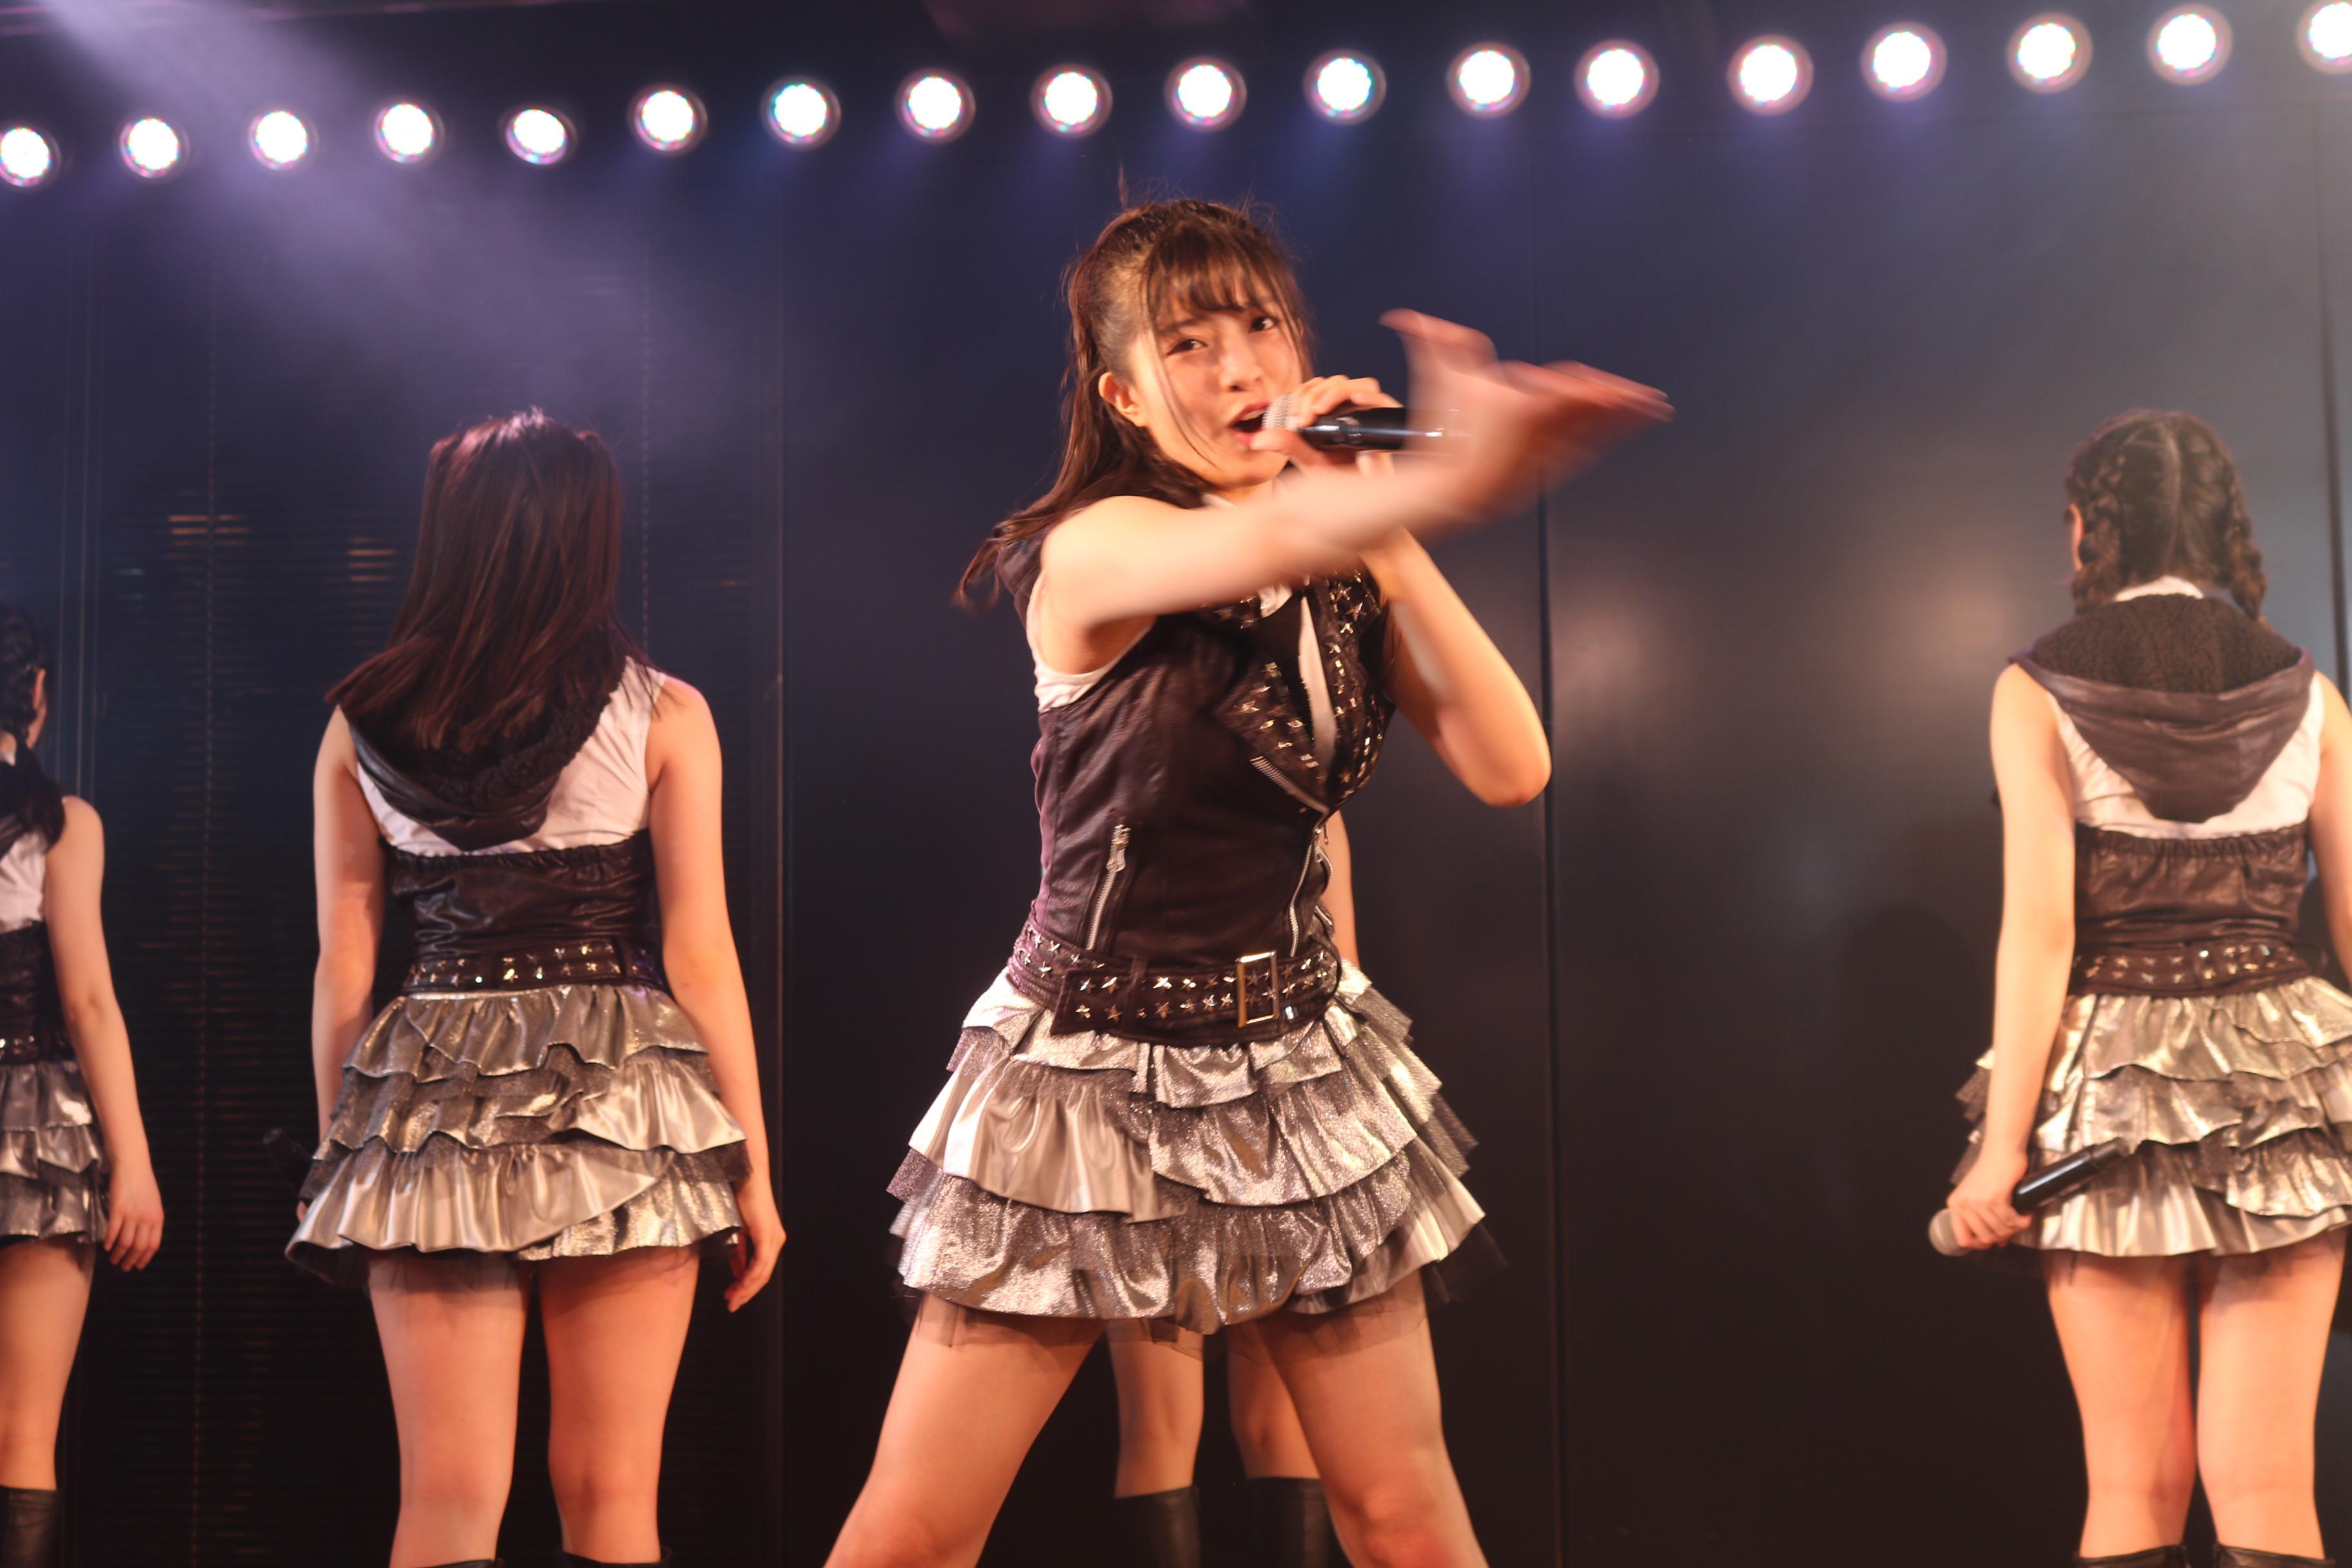 牧野アンナプロデュース「ヤバいよ!ついて来れんのか?!」公演での行天優莉奈